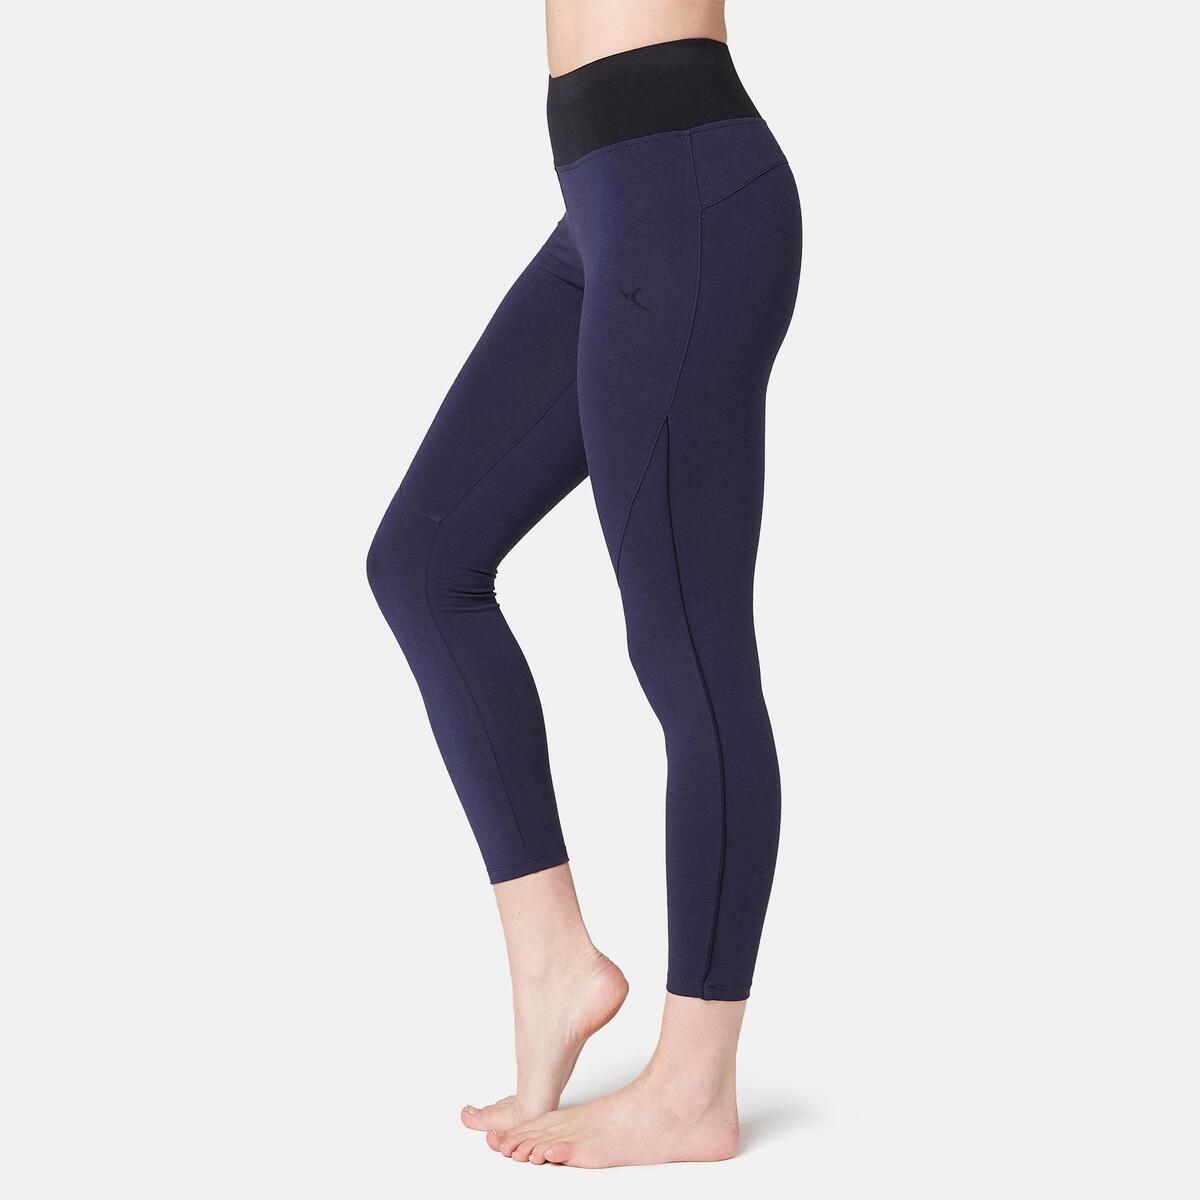 Bild 1 von 7/8-Leggings 510 Gym & Pilates Damen marineblau/schwarz